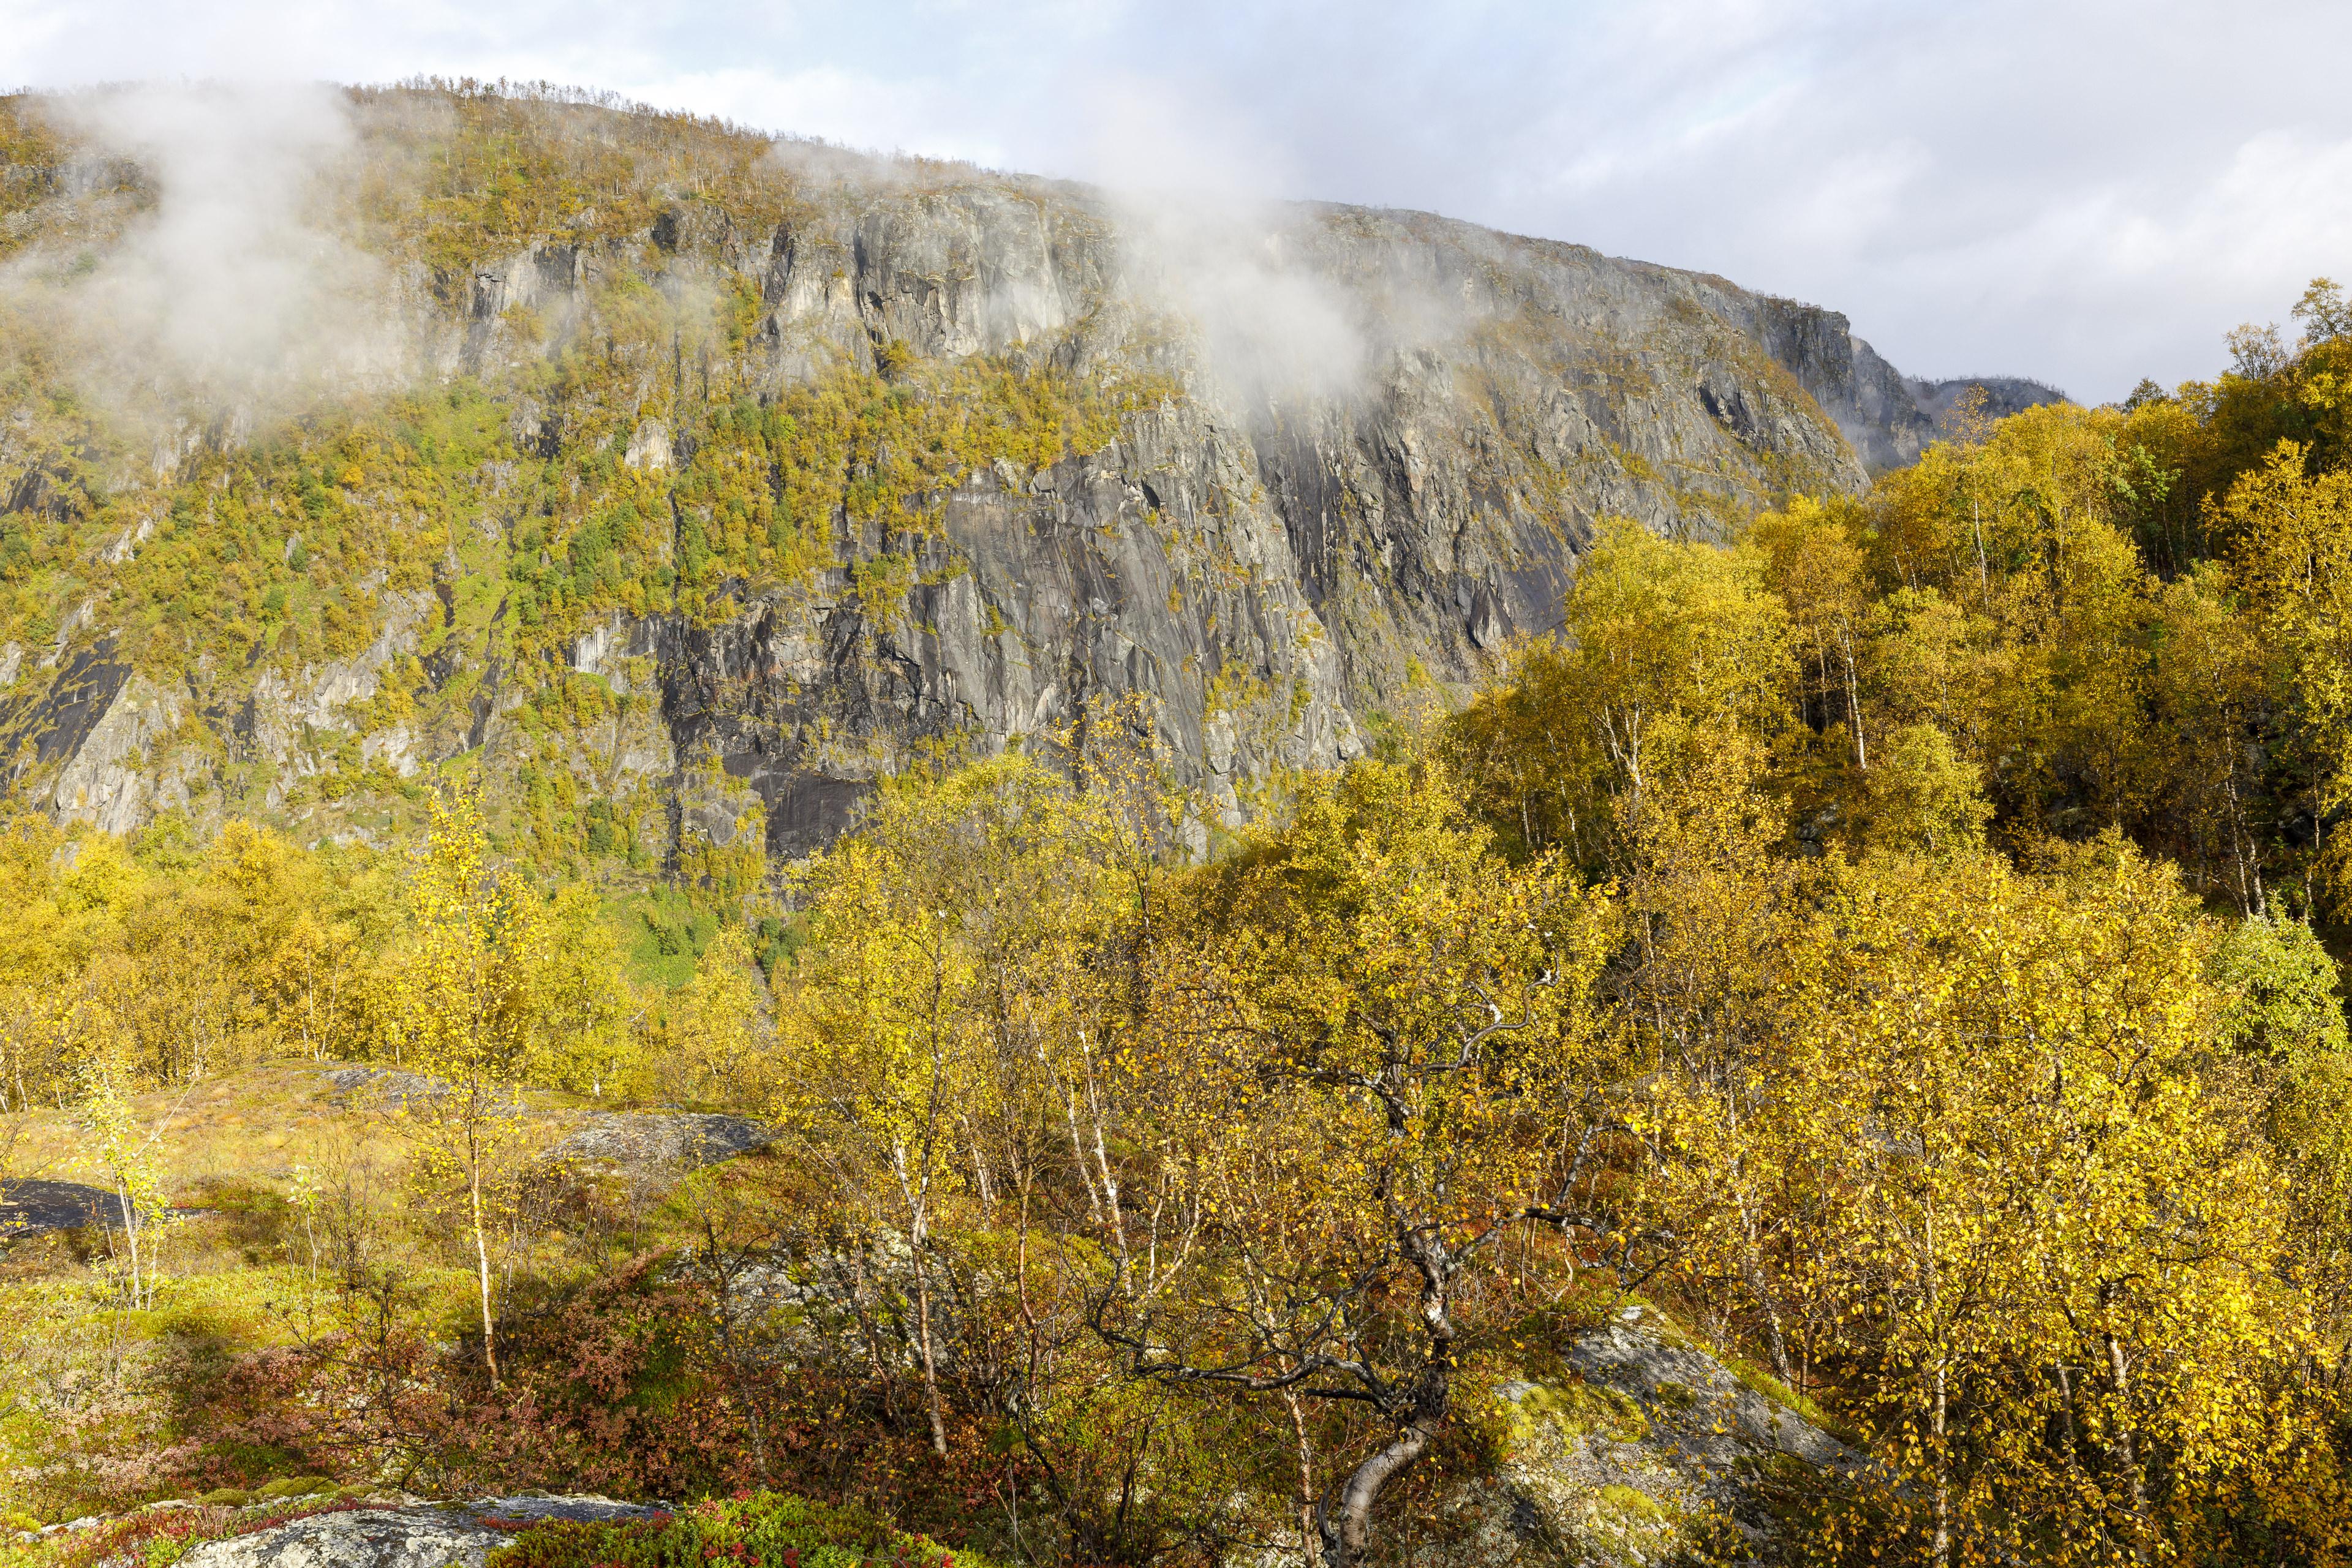 Herbstfärbung im Birkenwald,©Markus Proske—Canon EOS 5D Mark IV, EF16-35mm f/4L IS USM, 35mm, 1/60s, Blende 11, ISO 125